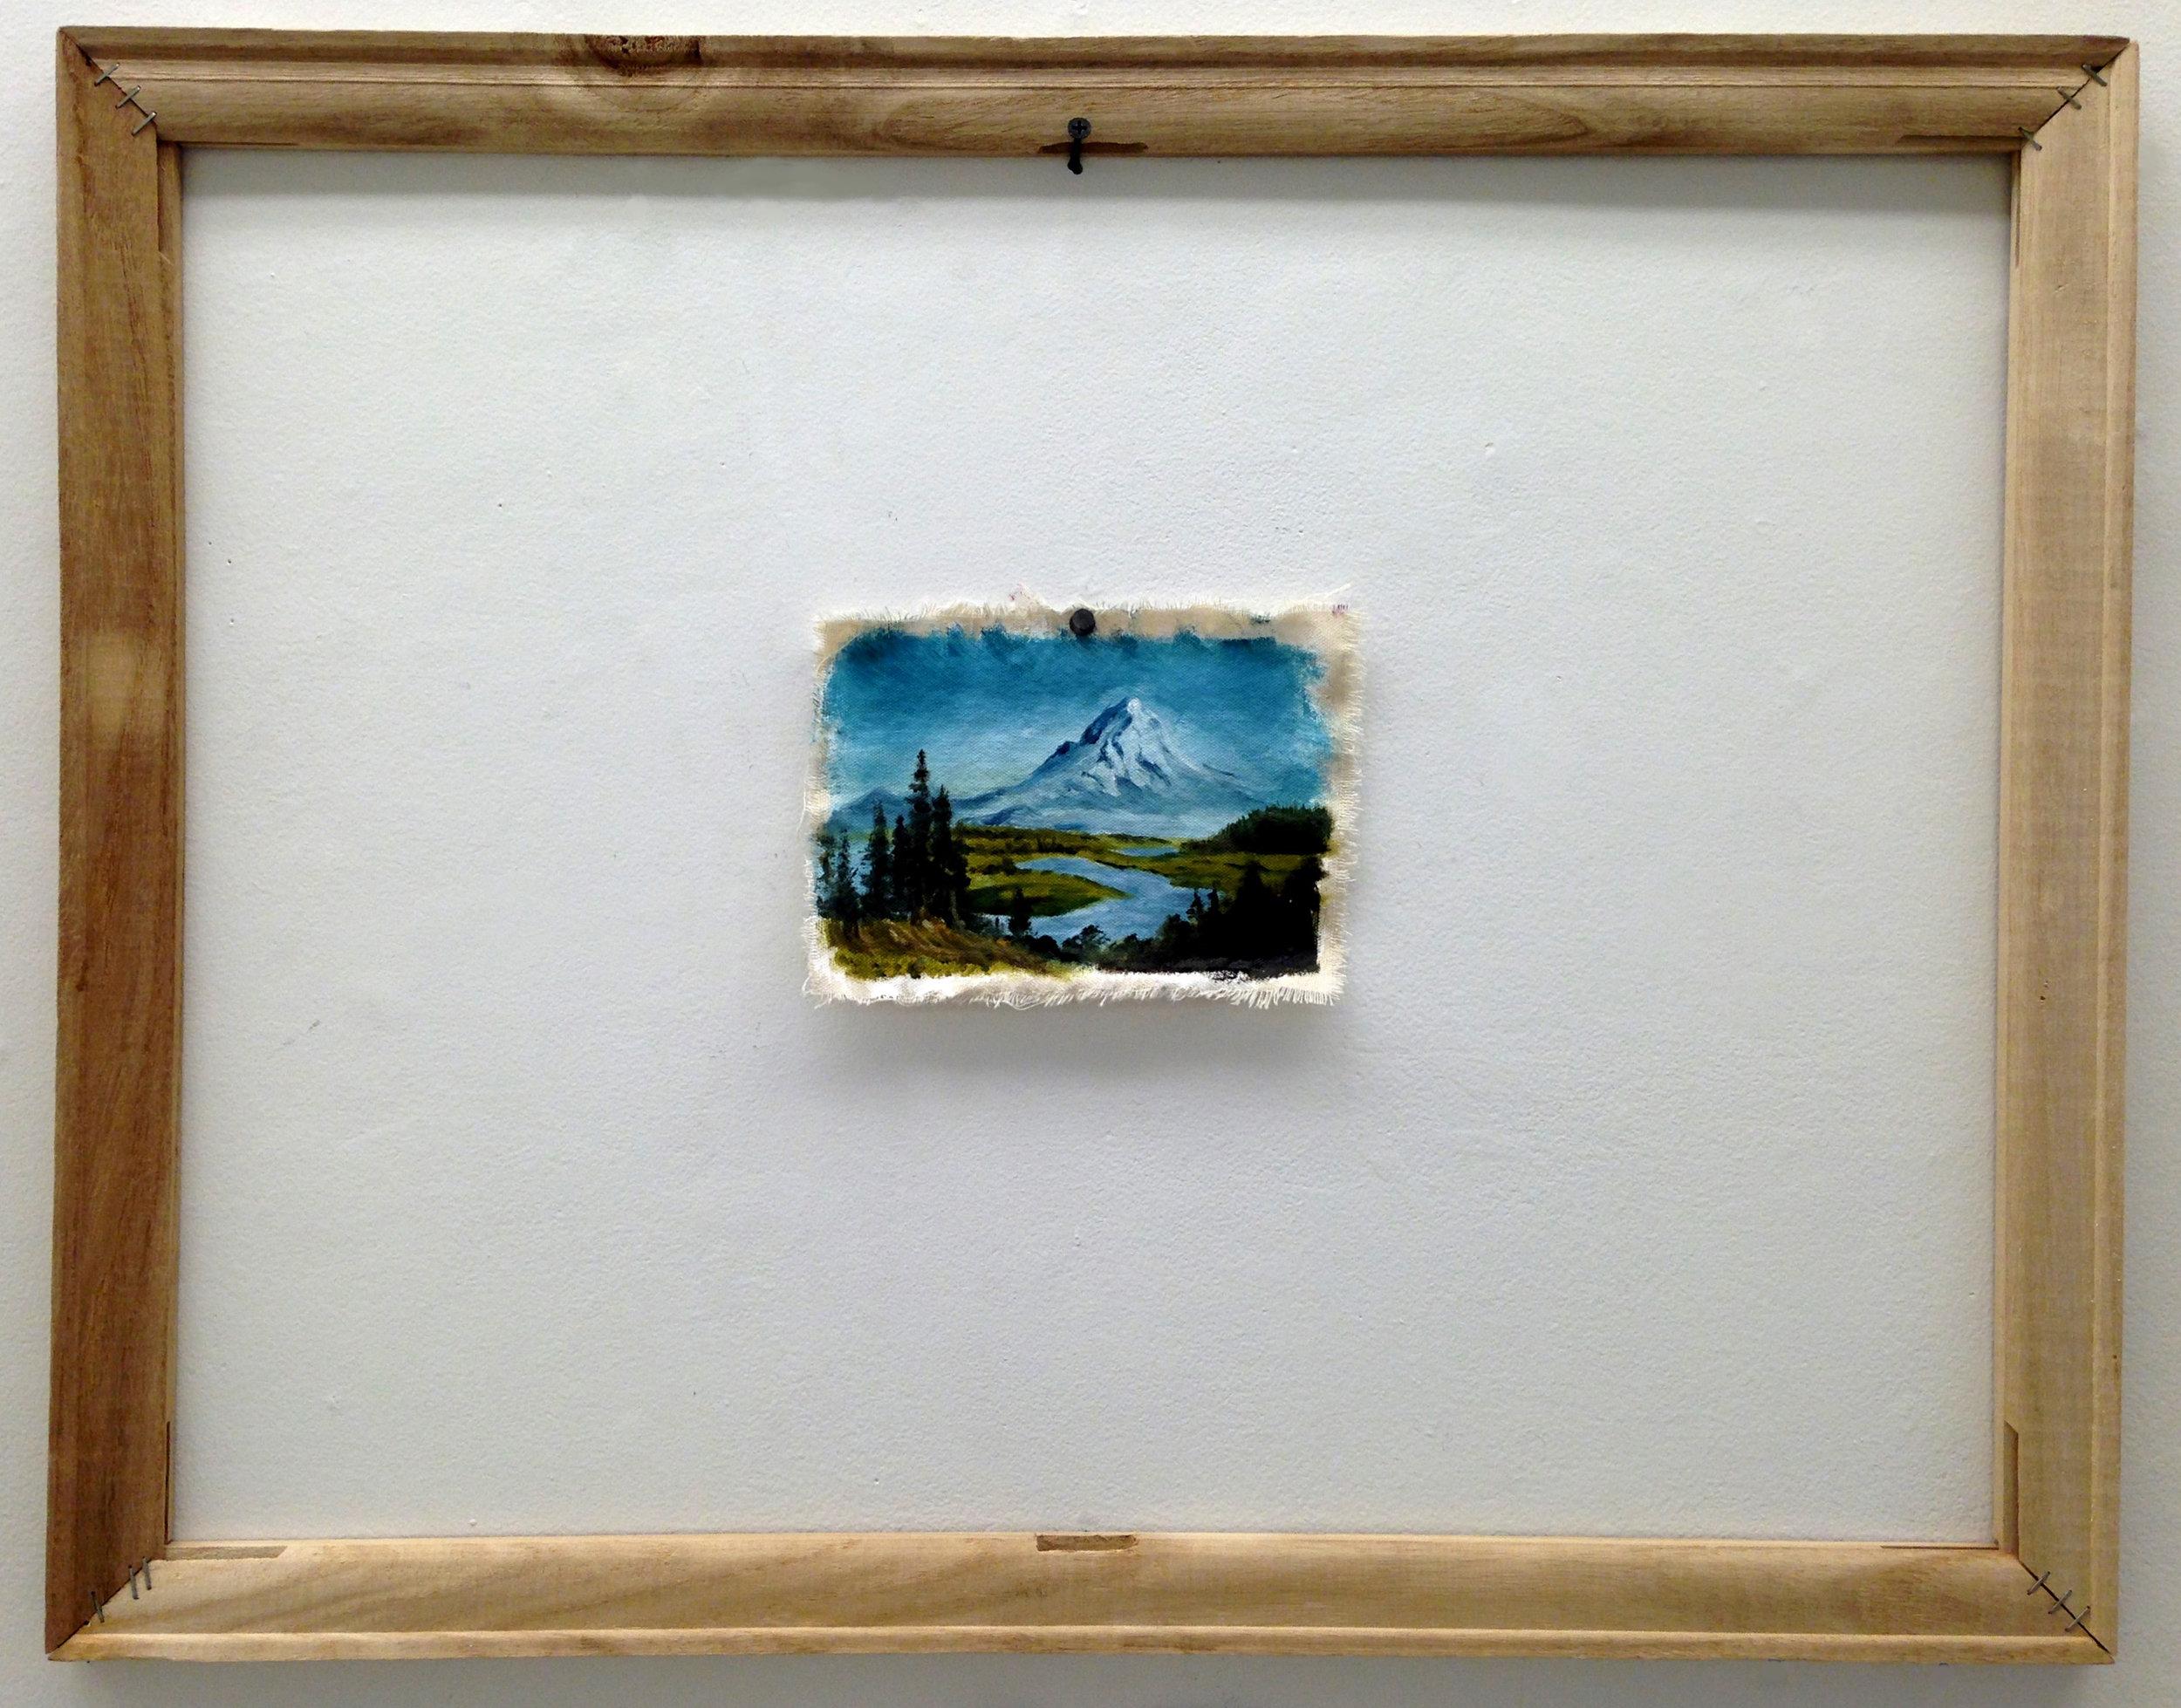 Mount Rainier - After Albert Bierstadt